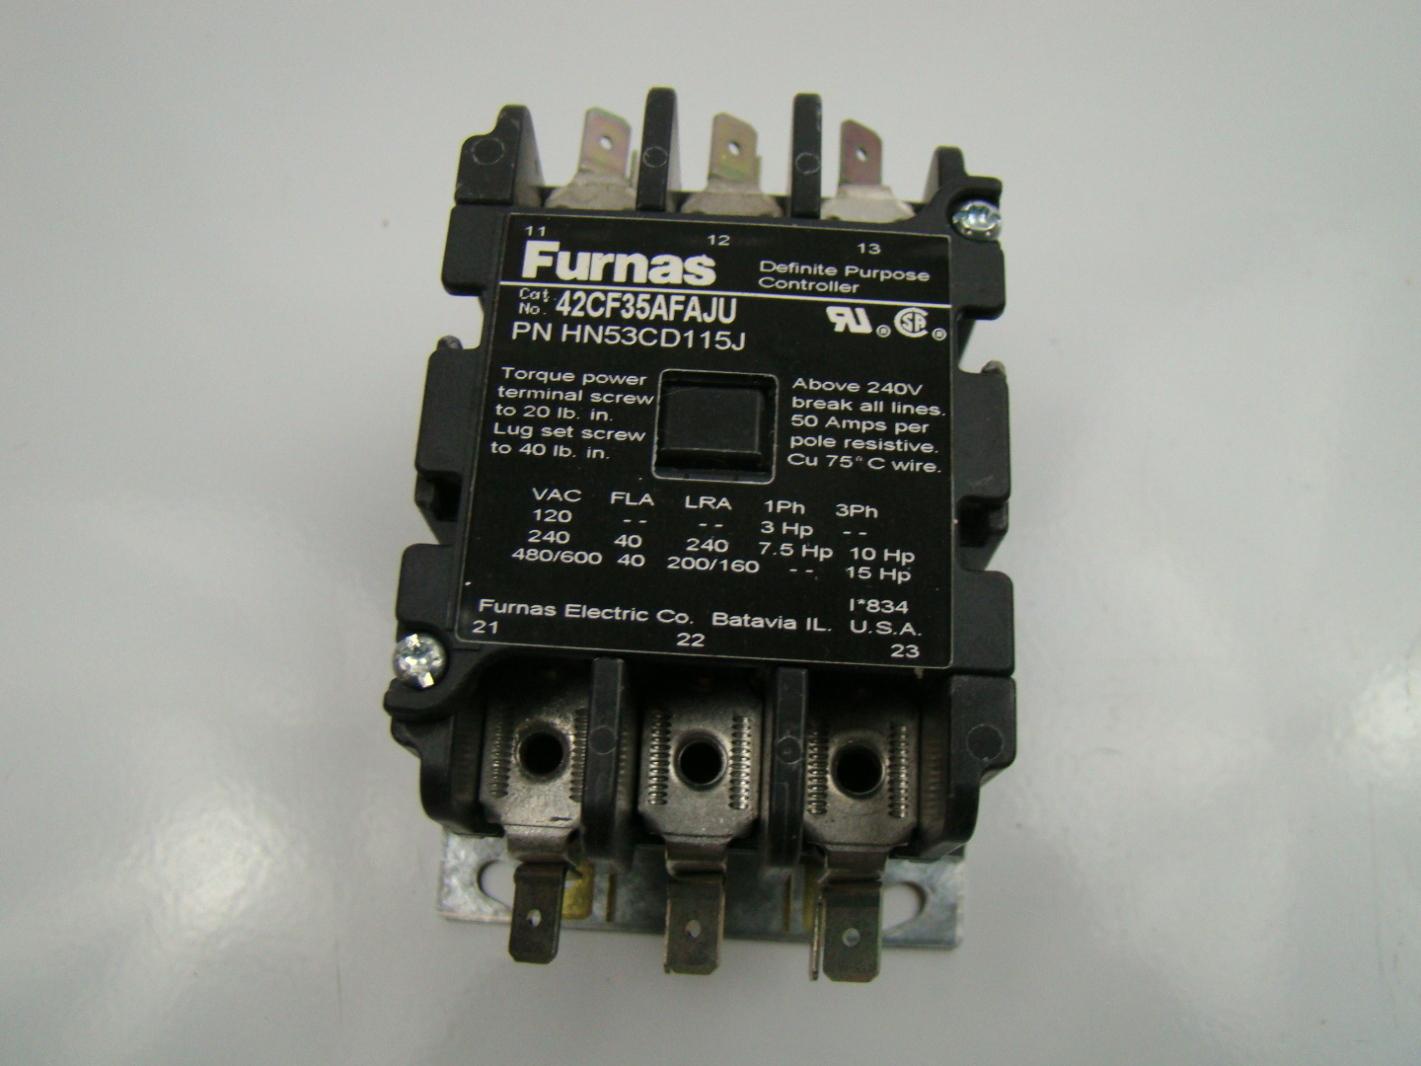 Furnas 50a 3 Pole Contactor 480 600v Hn53cd115j 42cf35afaju Ebay 240 Phase Wiring